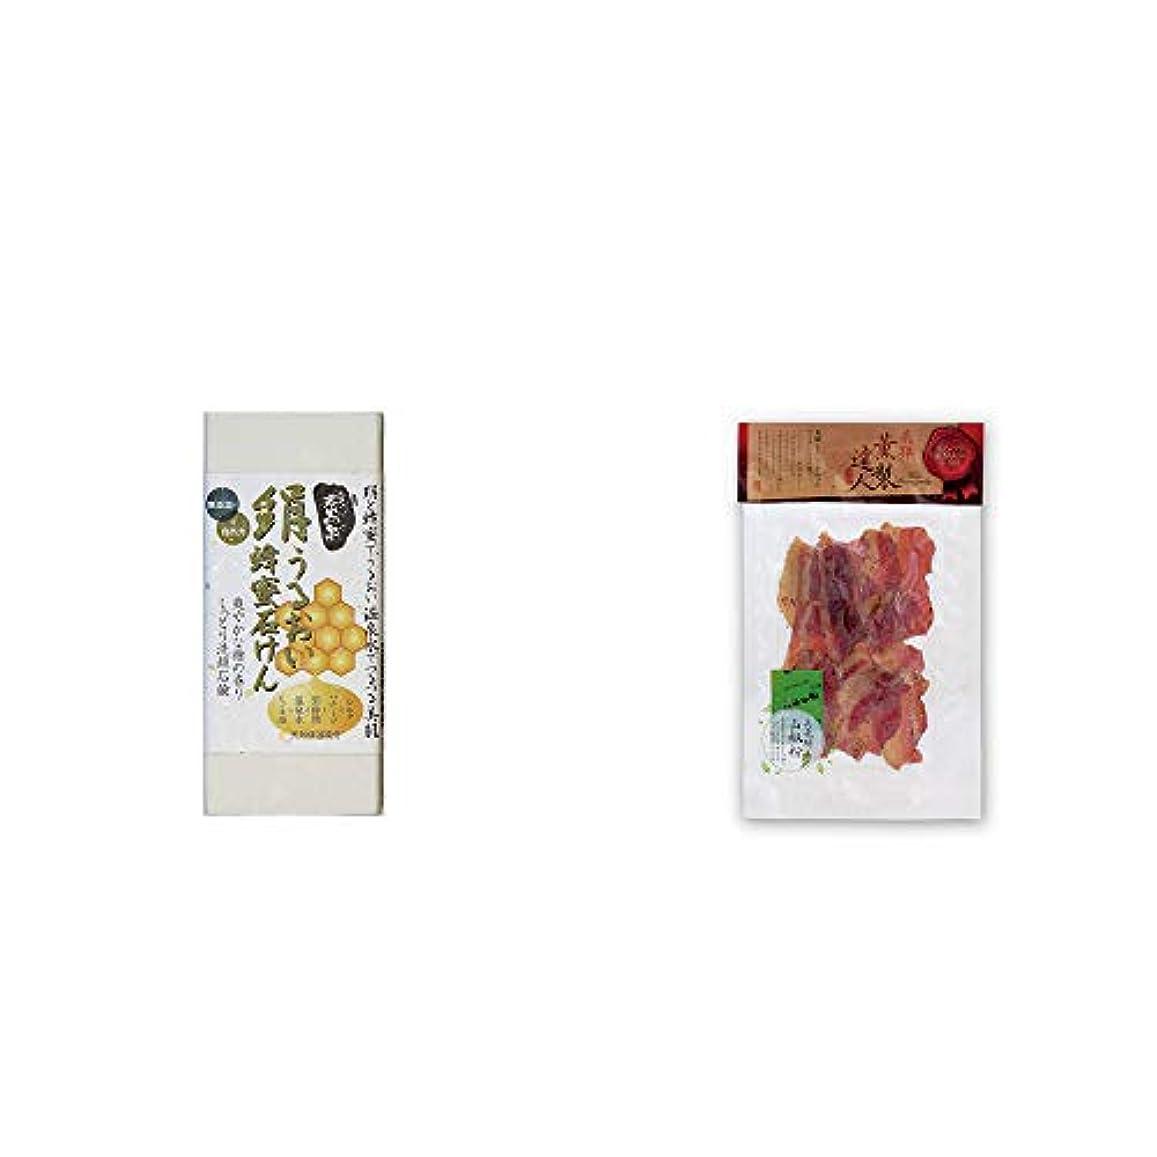 びっくりする先史時代のコード[2点セット] ひのき炭黒泉 絹うるおい蜂蜜石けん(75g×2)?薫製達人 豚バラベーコン燻製(60g)[飛騨山椒付き]